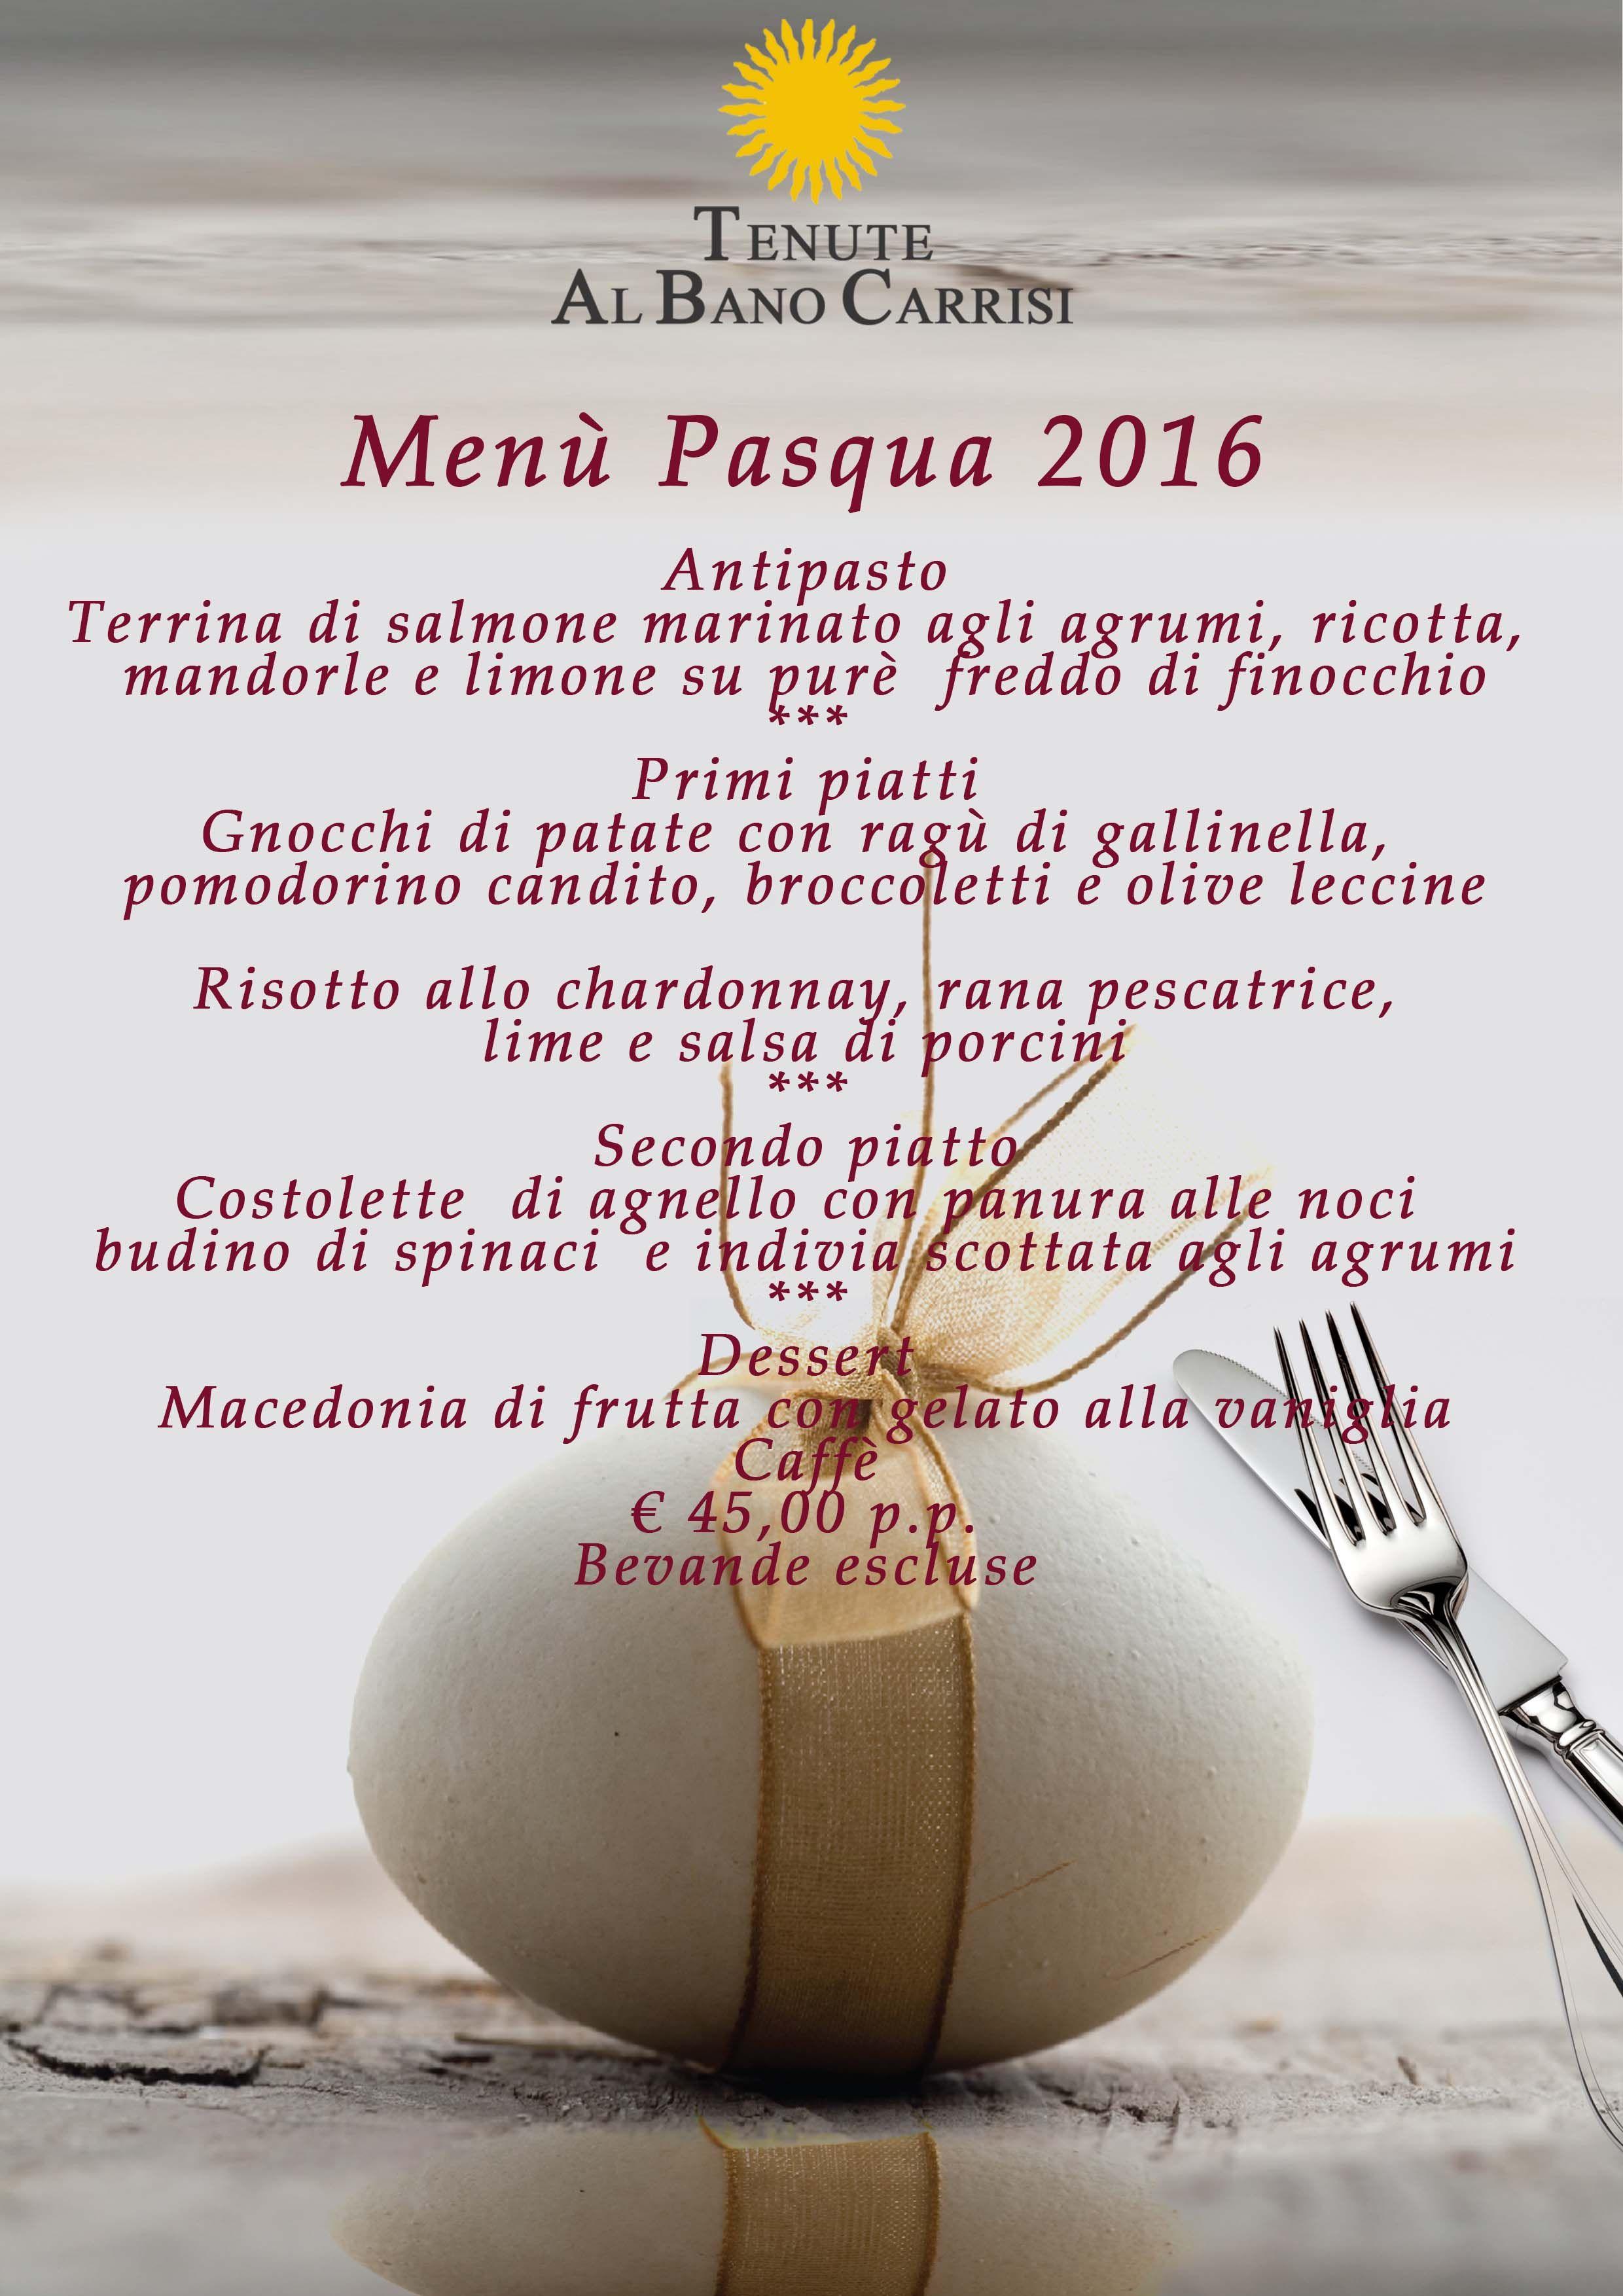 Menu-pasqua-2016 - http://tenutealbanocarrisi.com/menu-pasqua-2016/